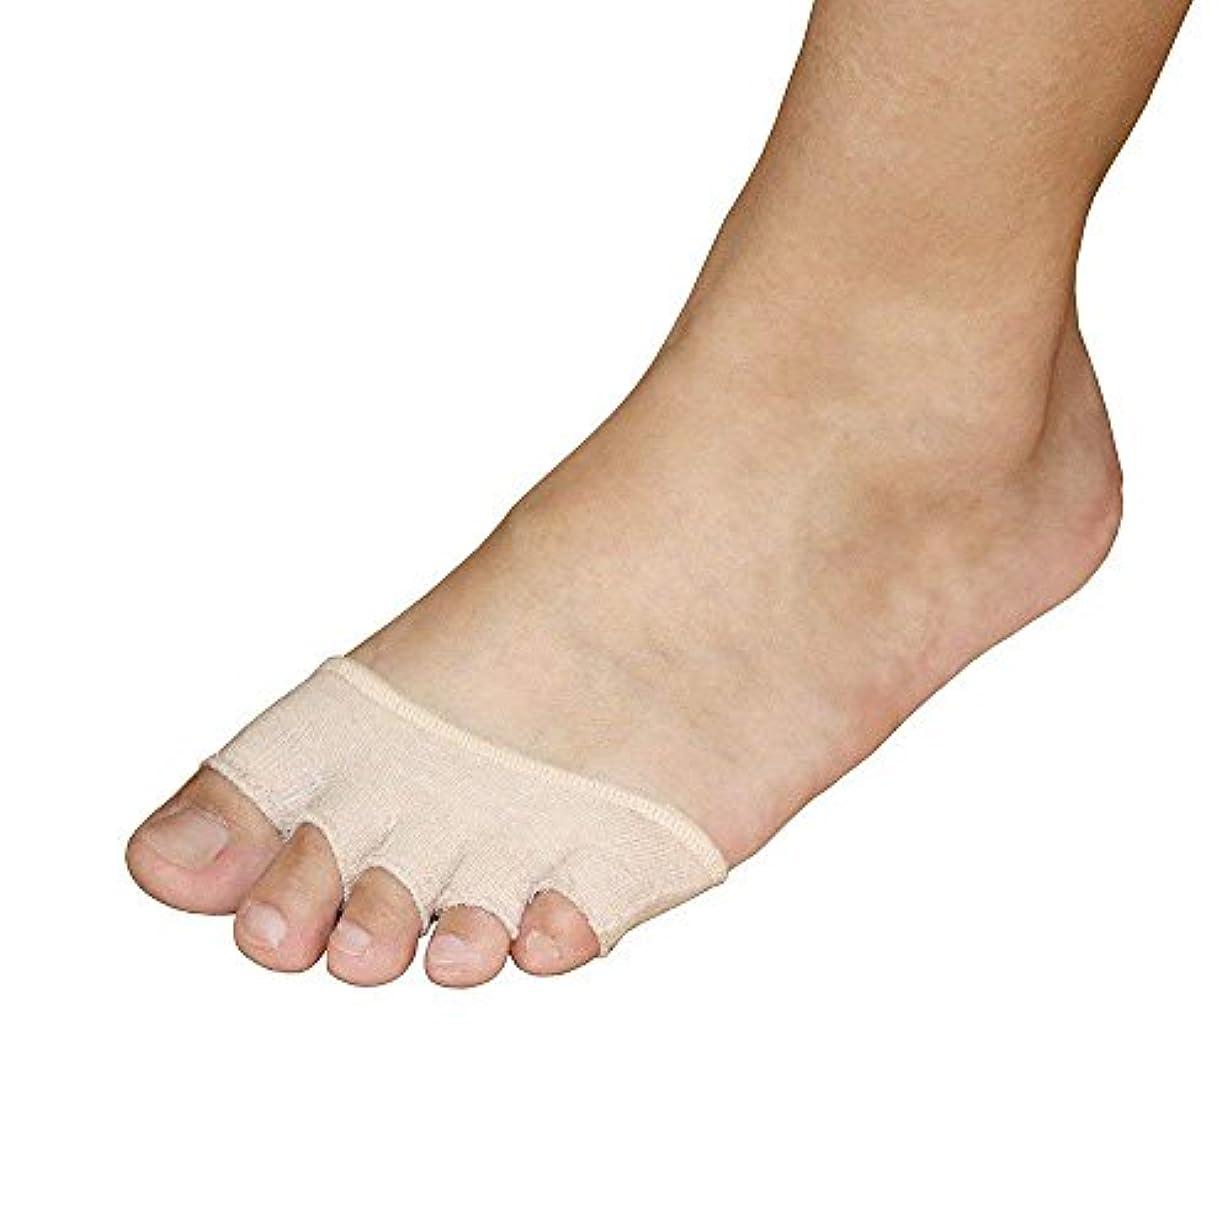 委員会お尻あいさつ2組のつま先靴下用女性表示なし、つま先スリーブ付きリリーフ痛みブリスター付きブーツクッションハイヒールスニーカーサンダル